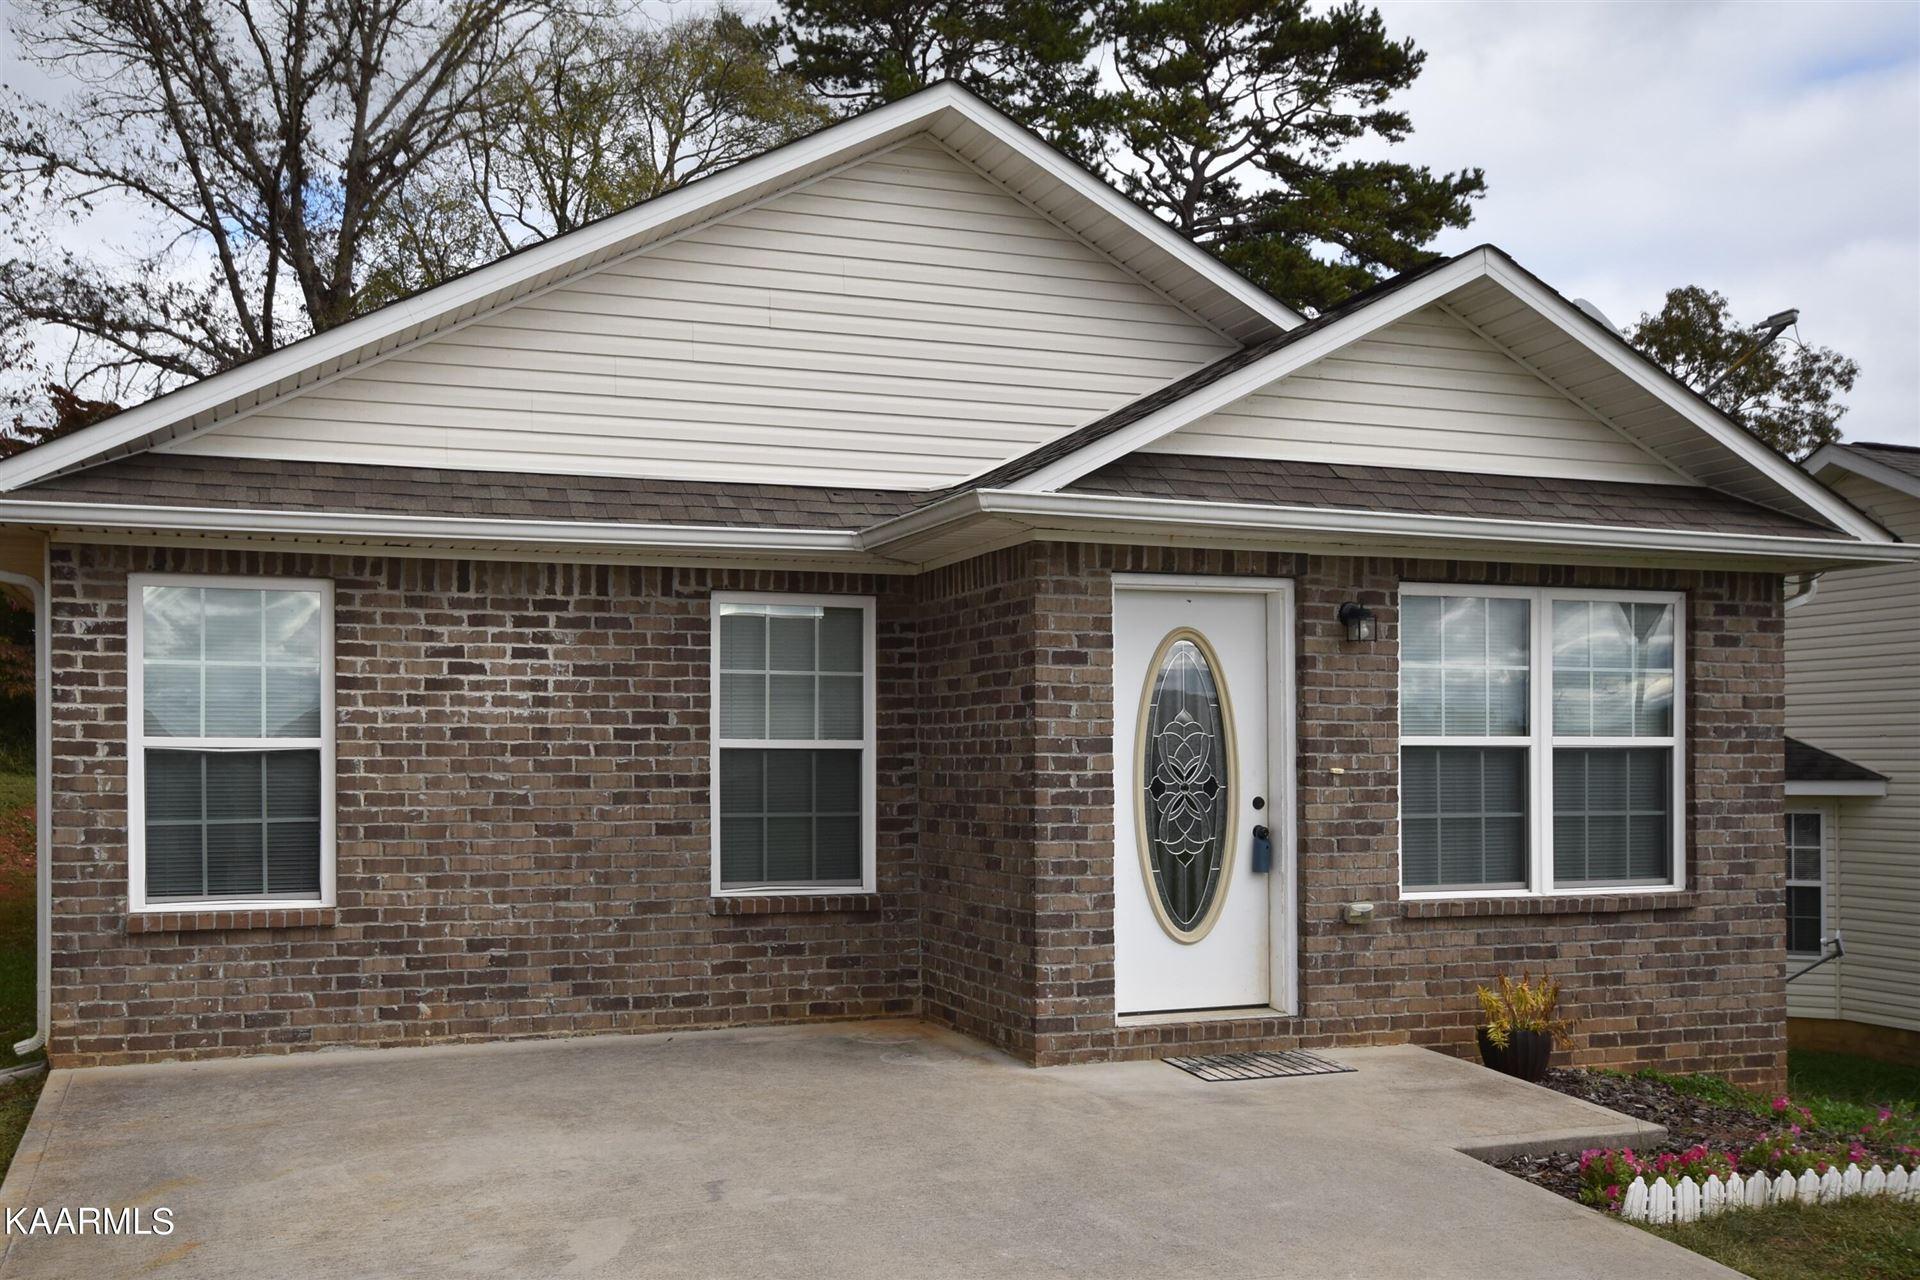 Photo of 1758 Watauga St, Sevierville, TN 37876 (MLS # 1171789)